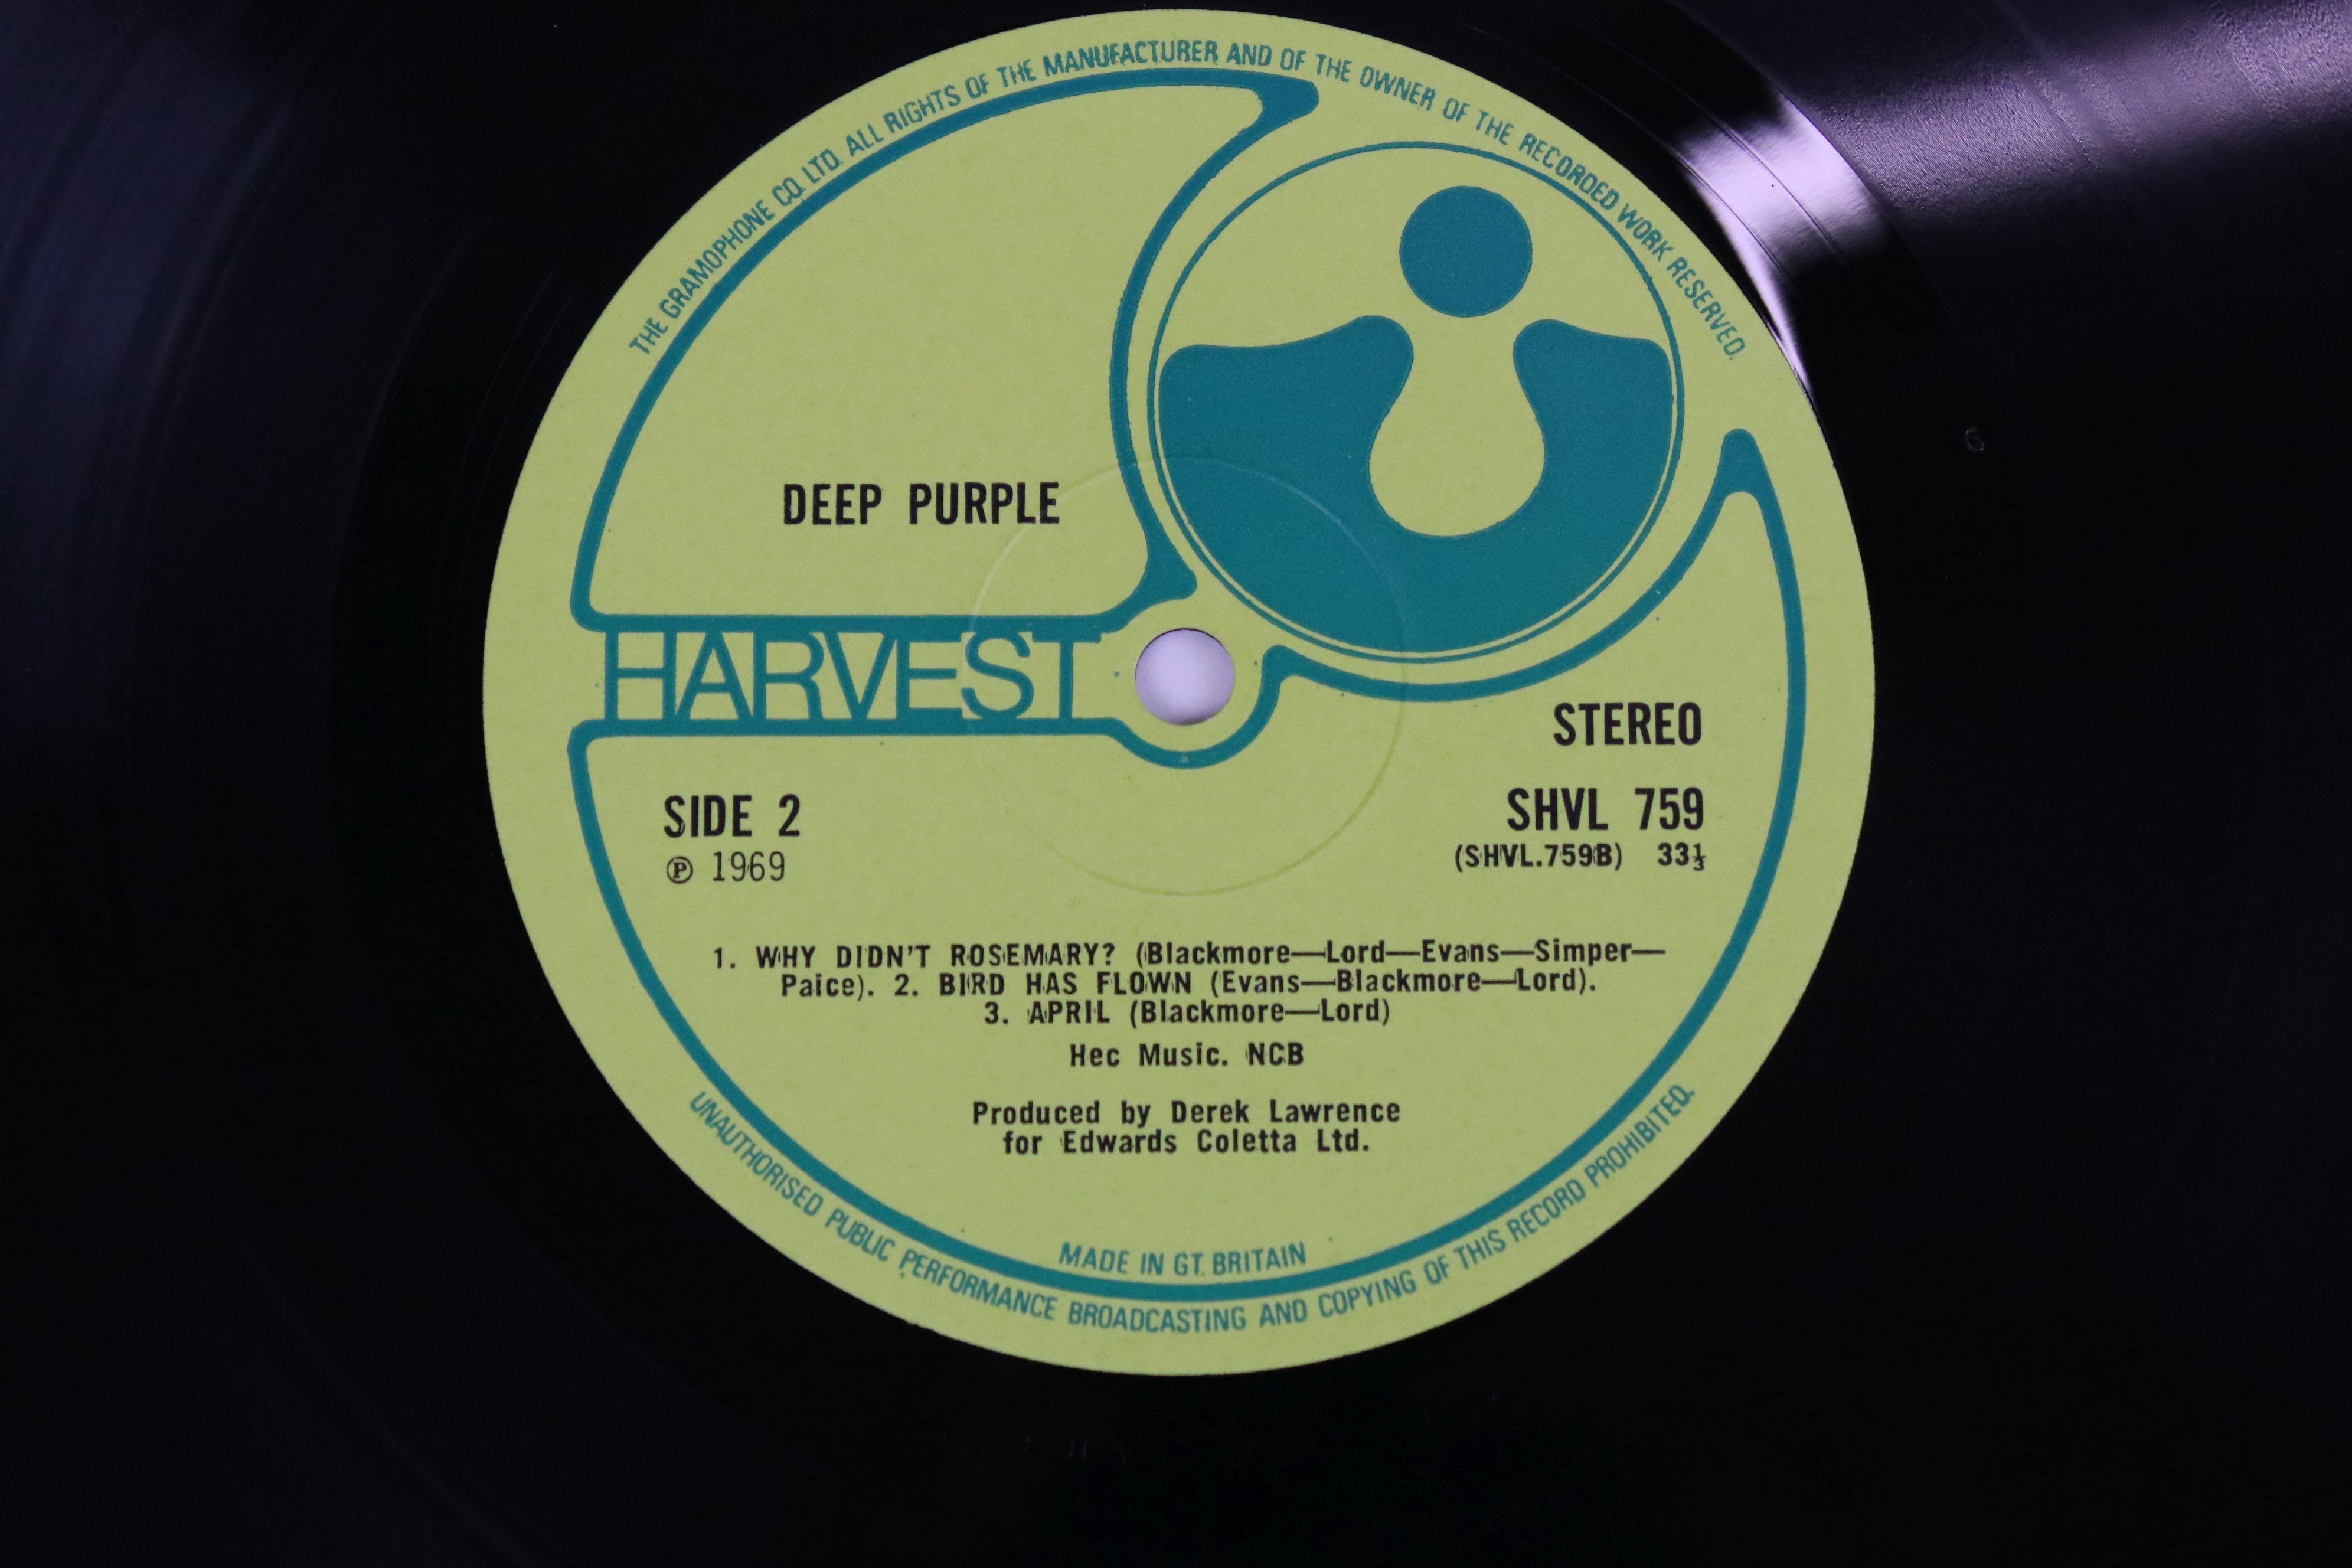 Vinyl - Deep Purple self titled (Harvest SHVL 759) no EMI on label, EMI and Harvest on front sleeve, - Image 4 of 5